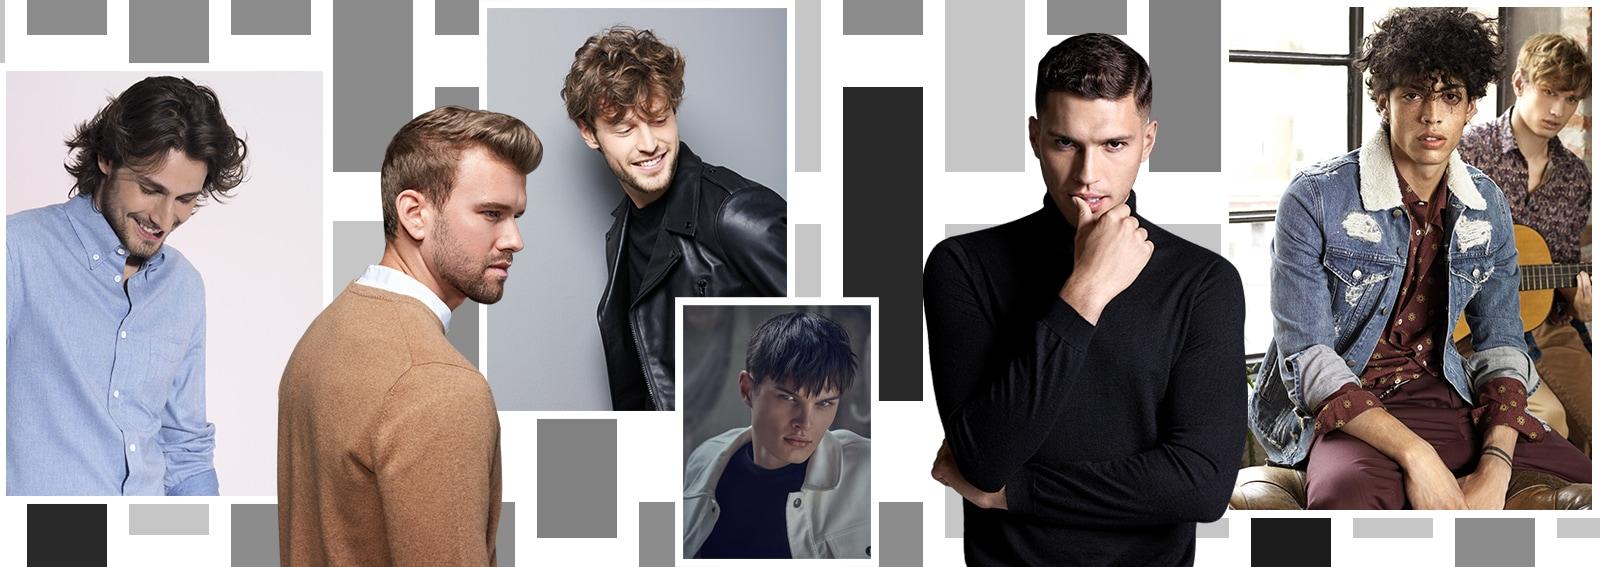 tagli capelli uomo saloni autunno inverno 2017 2018 collage_desktop